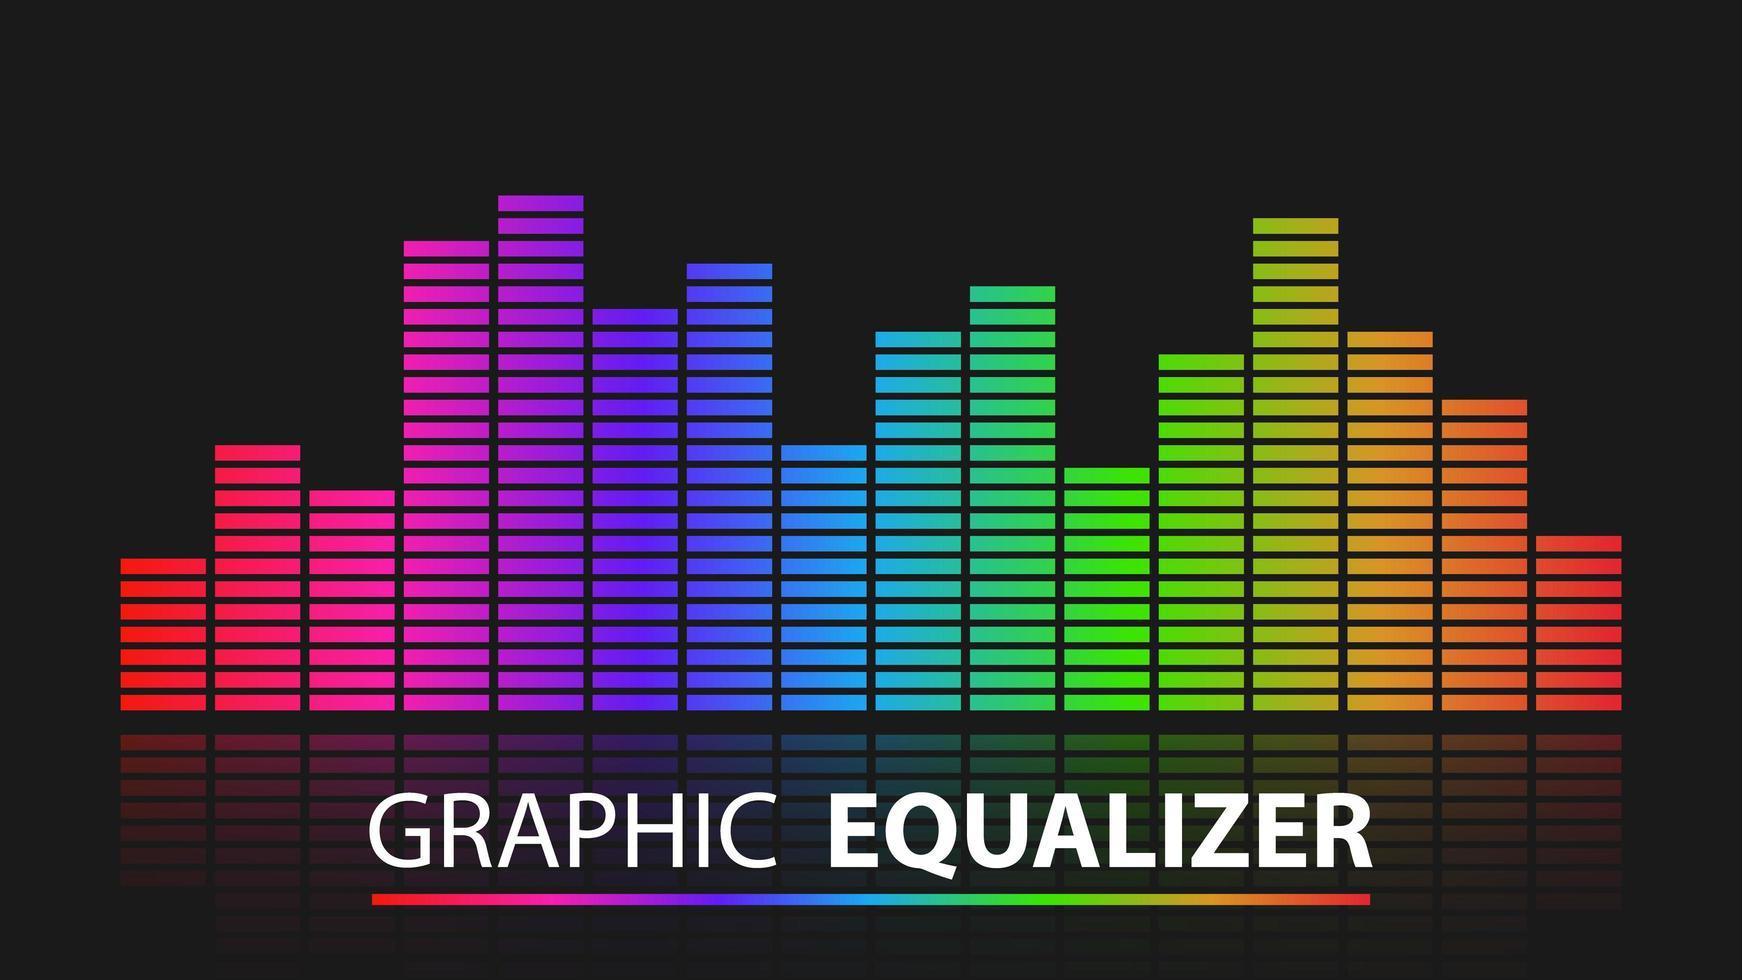 kleurrijke grafische equalizer met reflectie vector